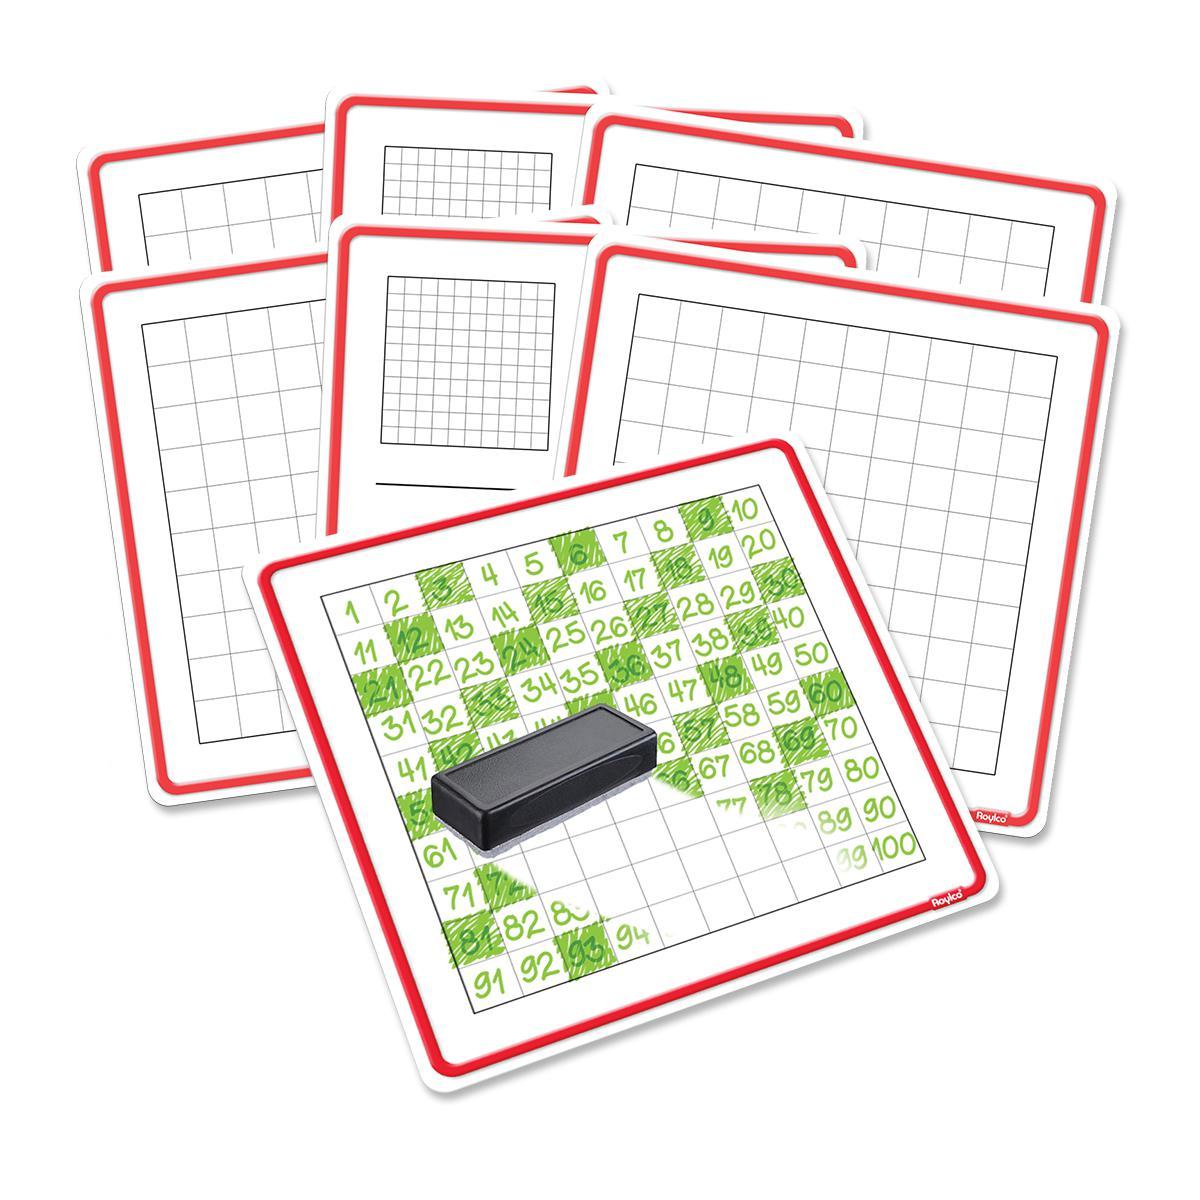 Tableaux effaçables pour compter jusqu'à 100, paquet de 24